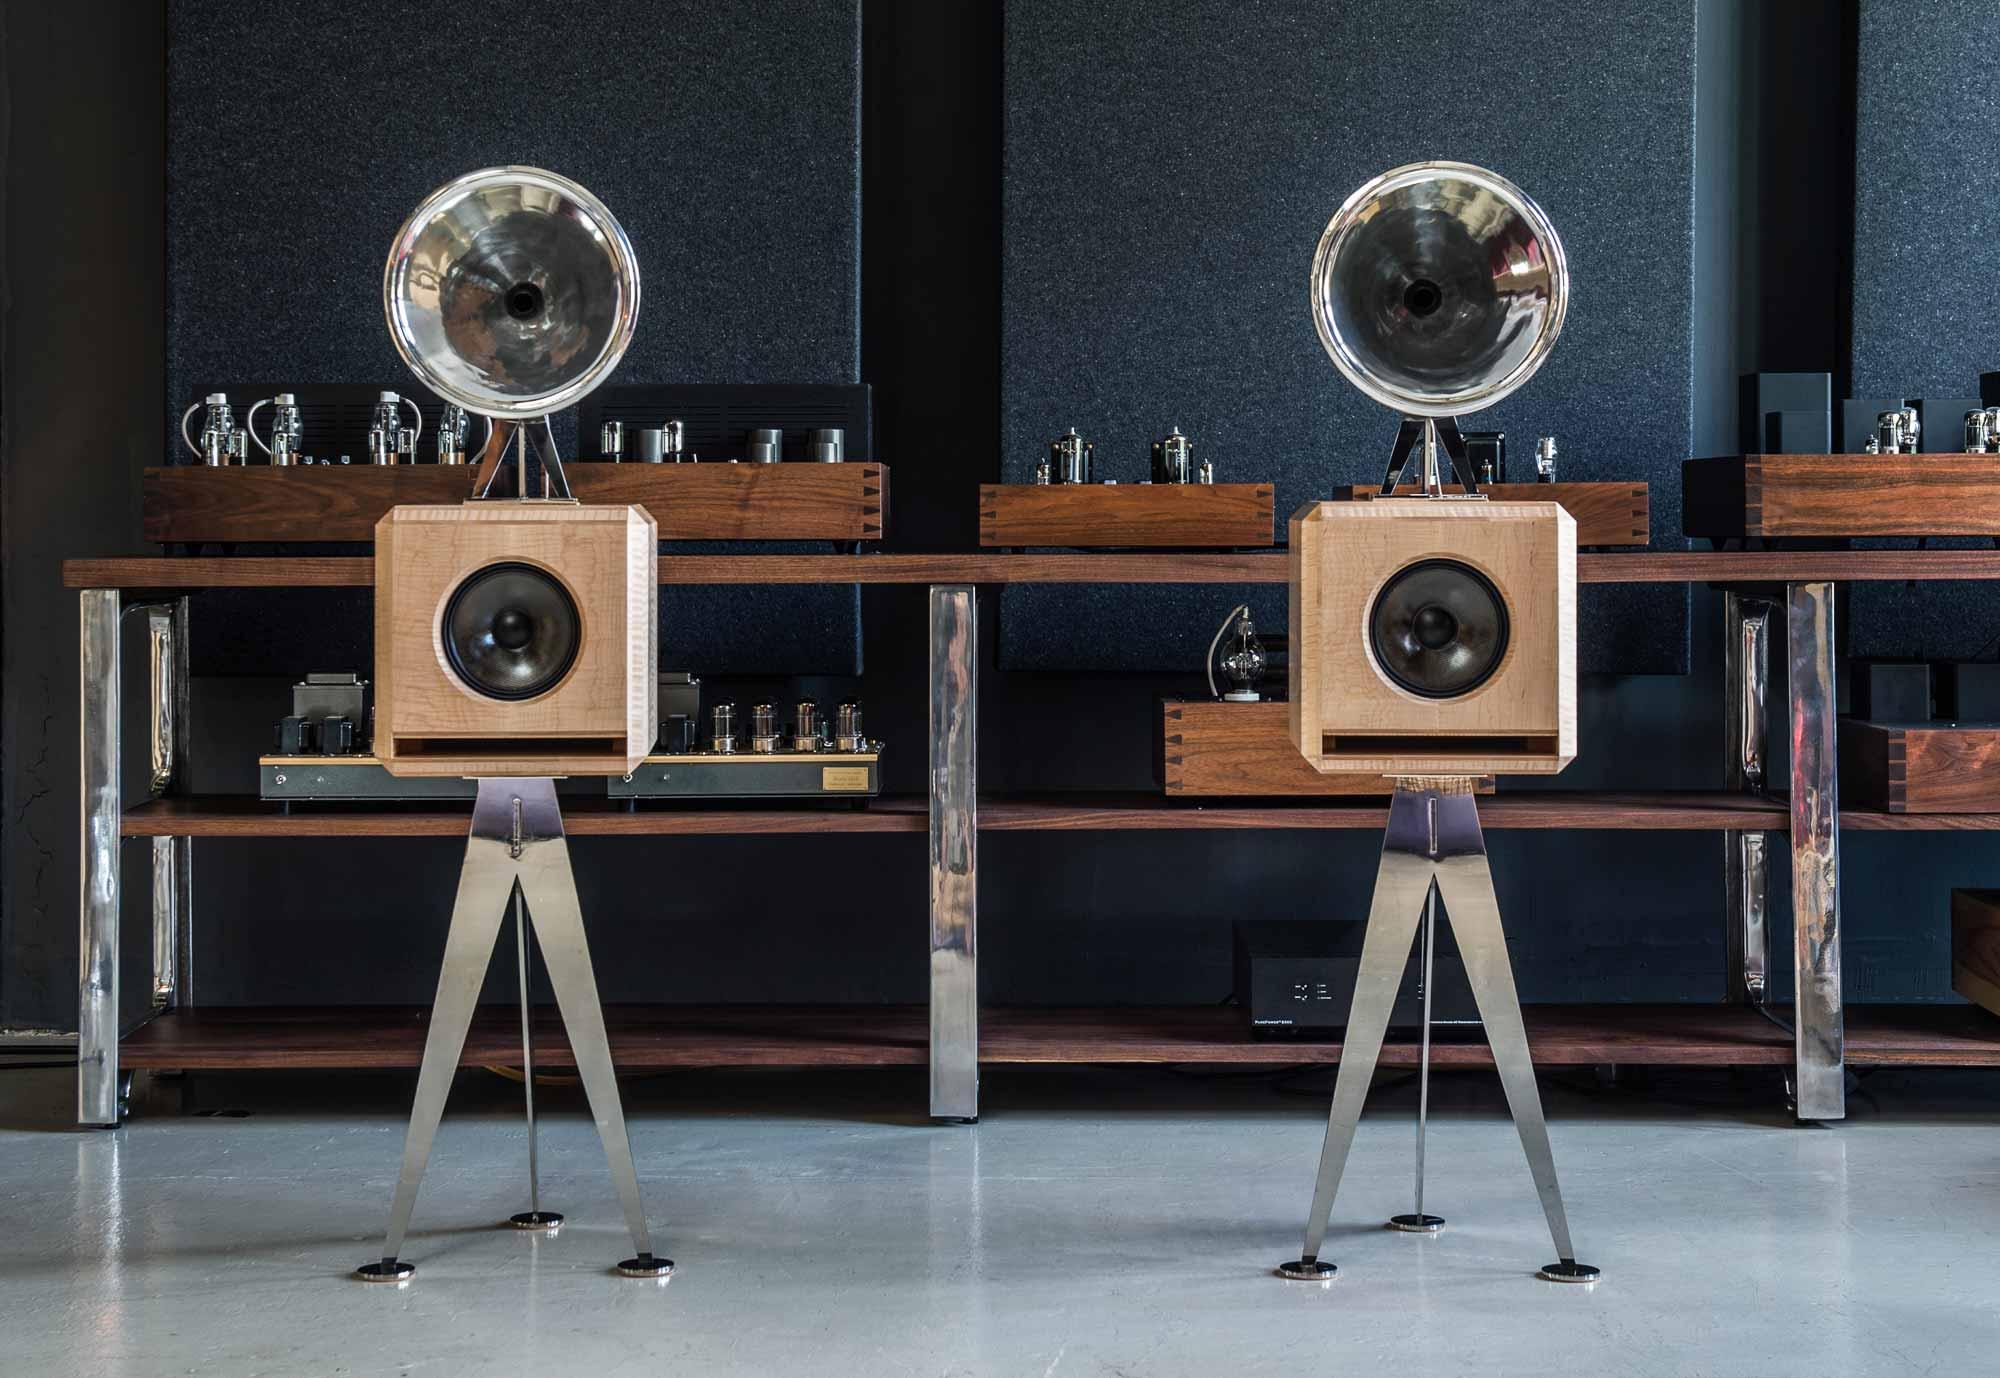 oswalds mill audio mini oma loudspeakers. Black Bedroom Furniture Sets. Home Design Ideas